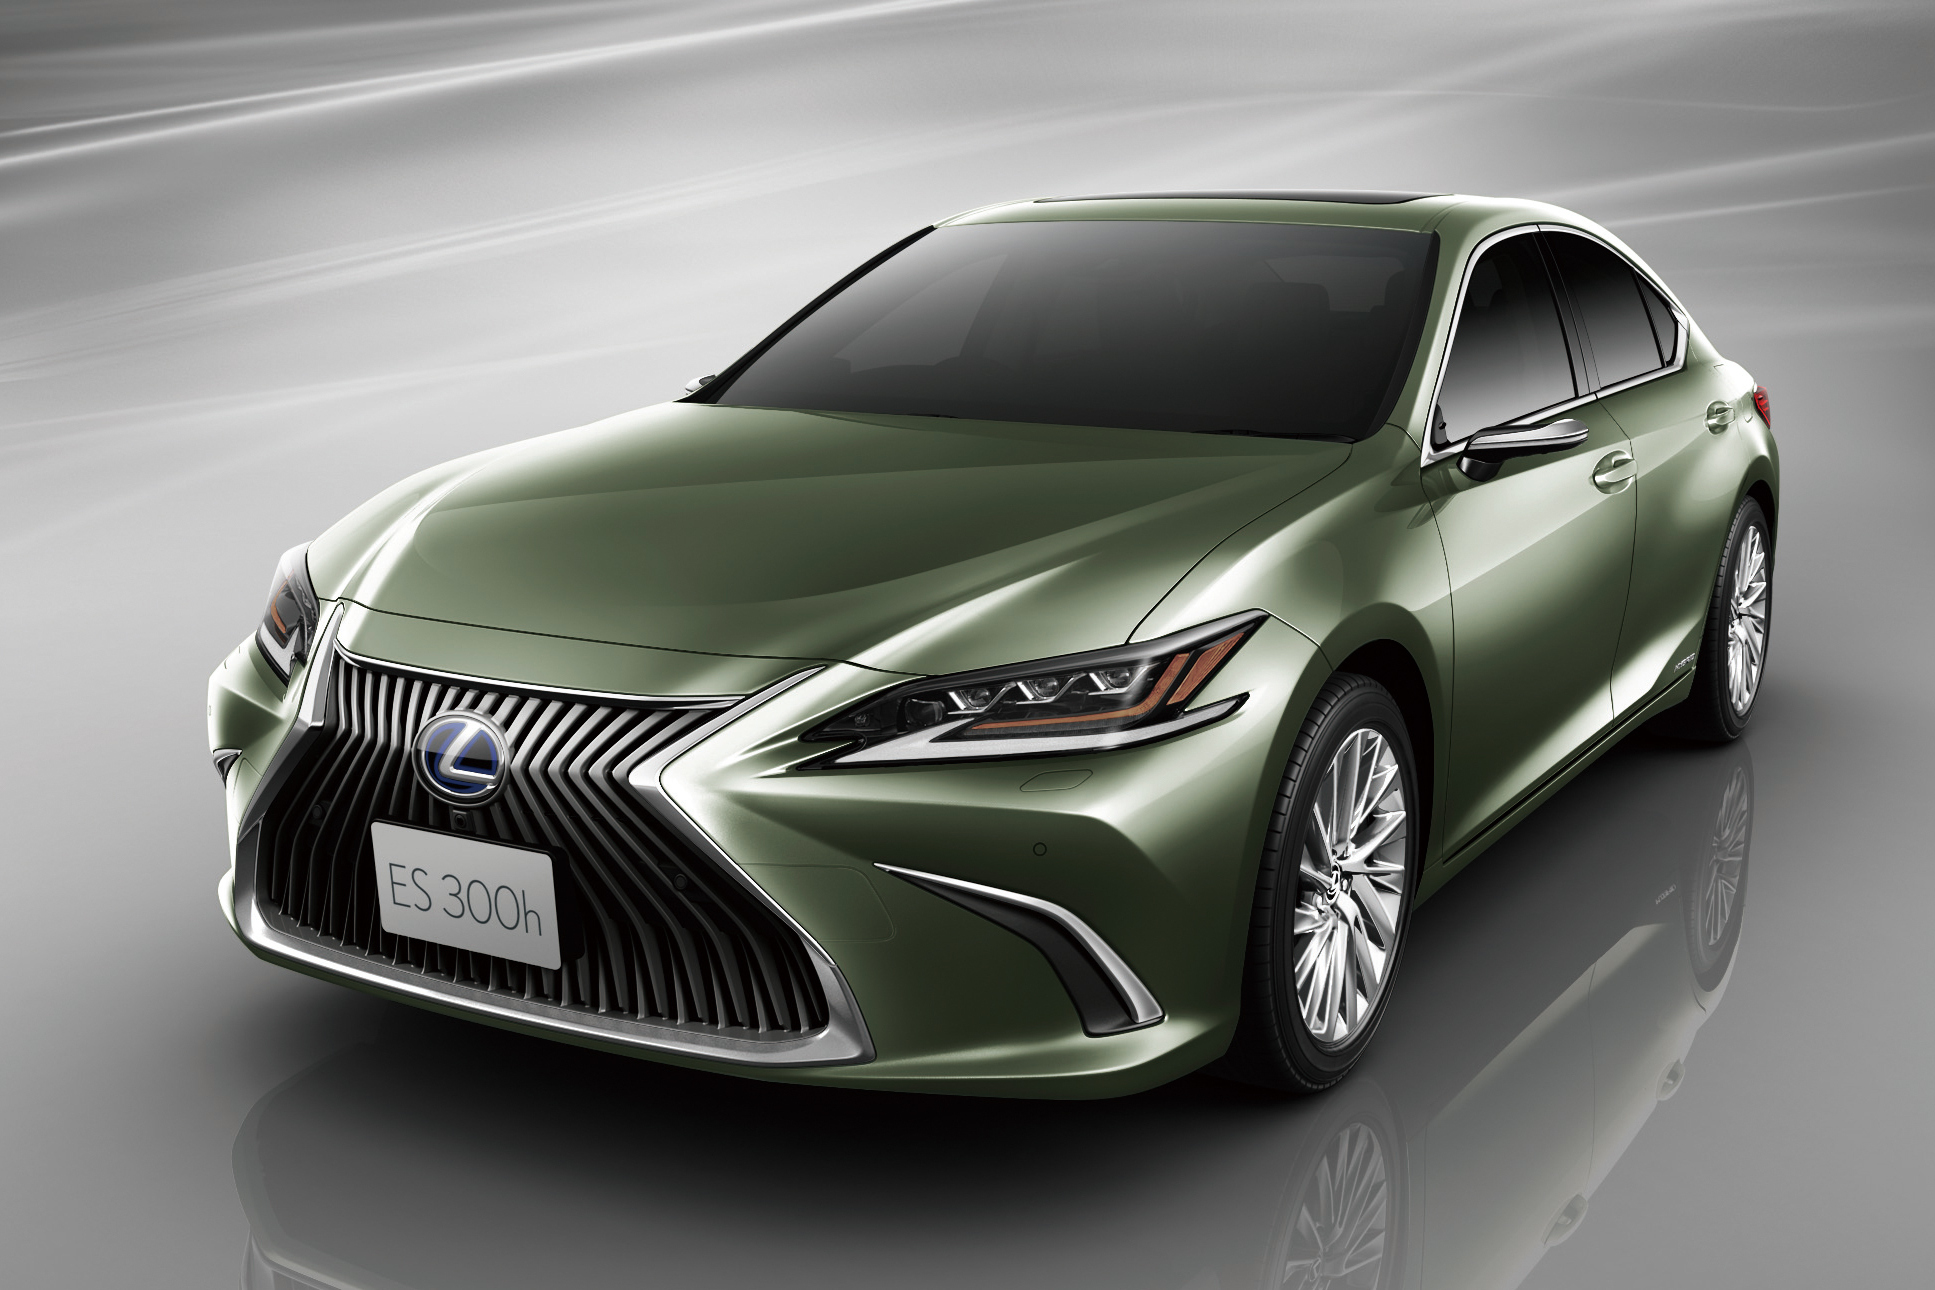 Первым серийным автомобилем с виртуальными наружными зеркалами станет Lexus ES но продаваться он будет только в Японии